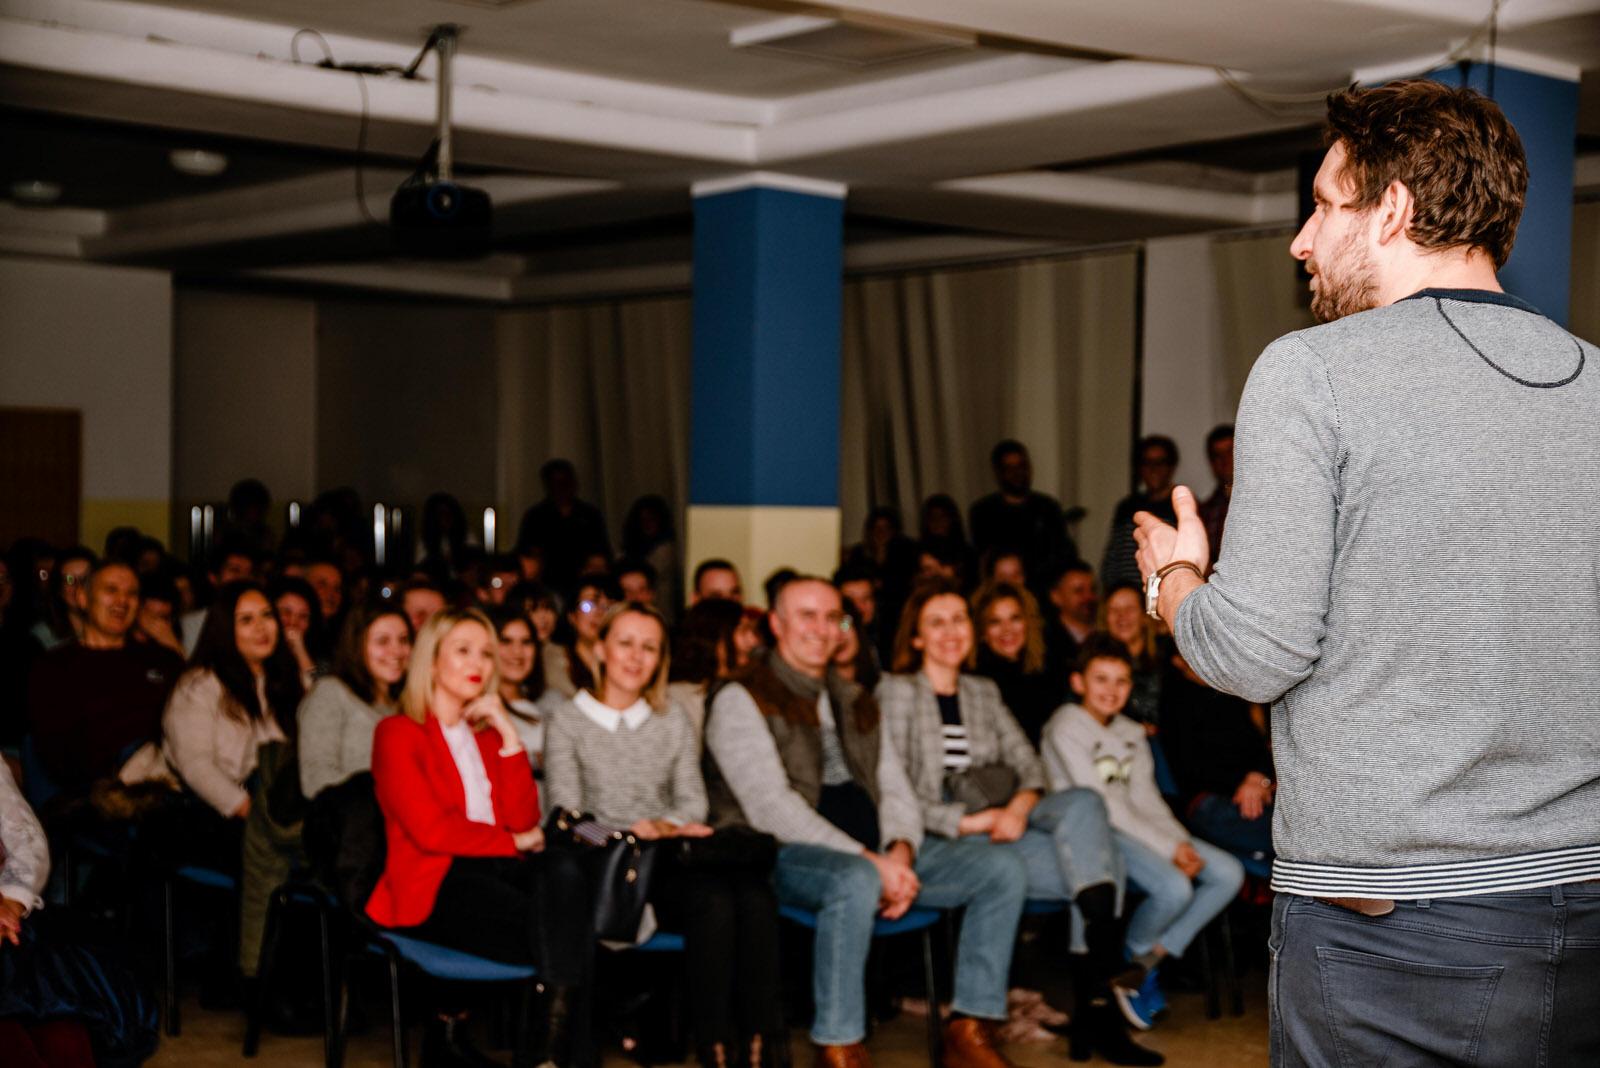 likaclub_gospić_kic_lajnap stand up_siječanj_2020 (27)